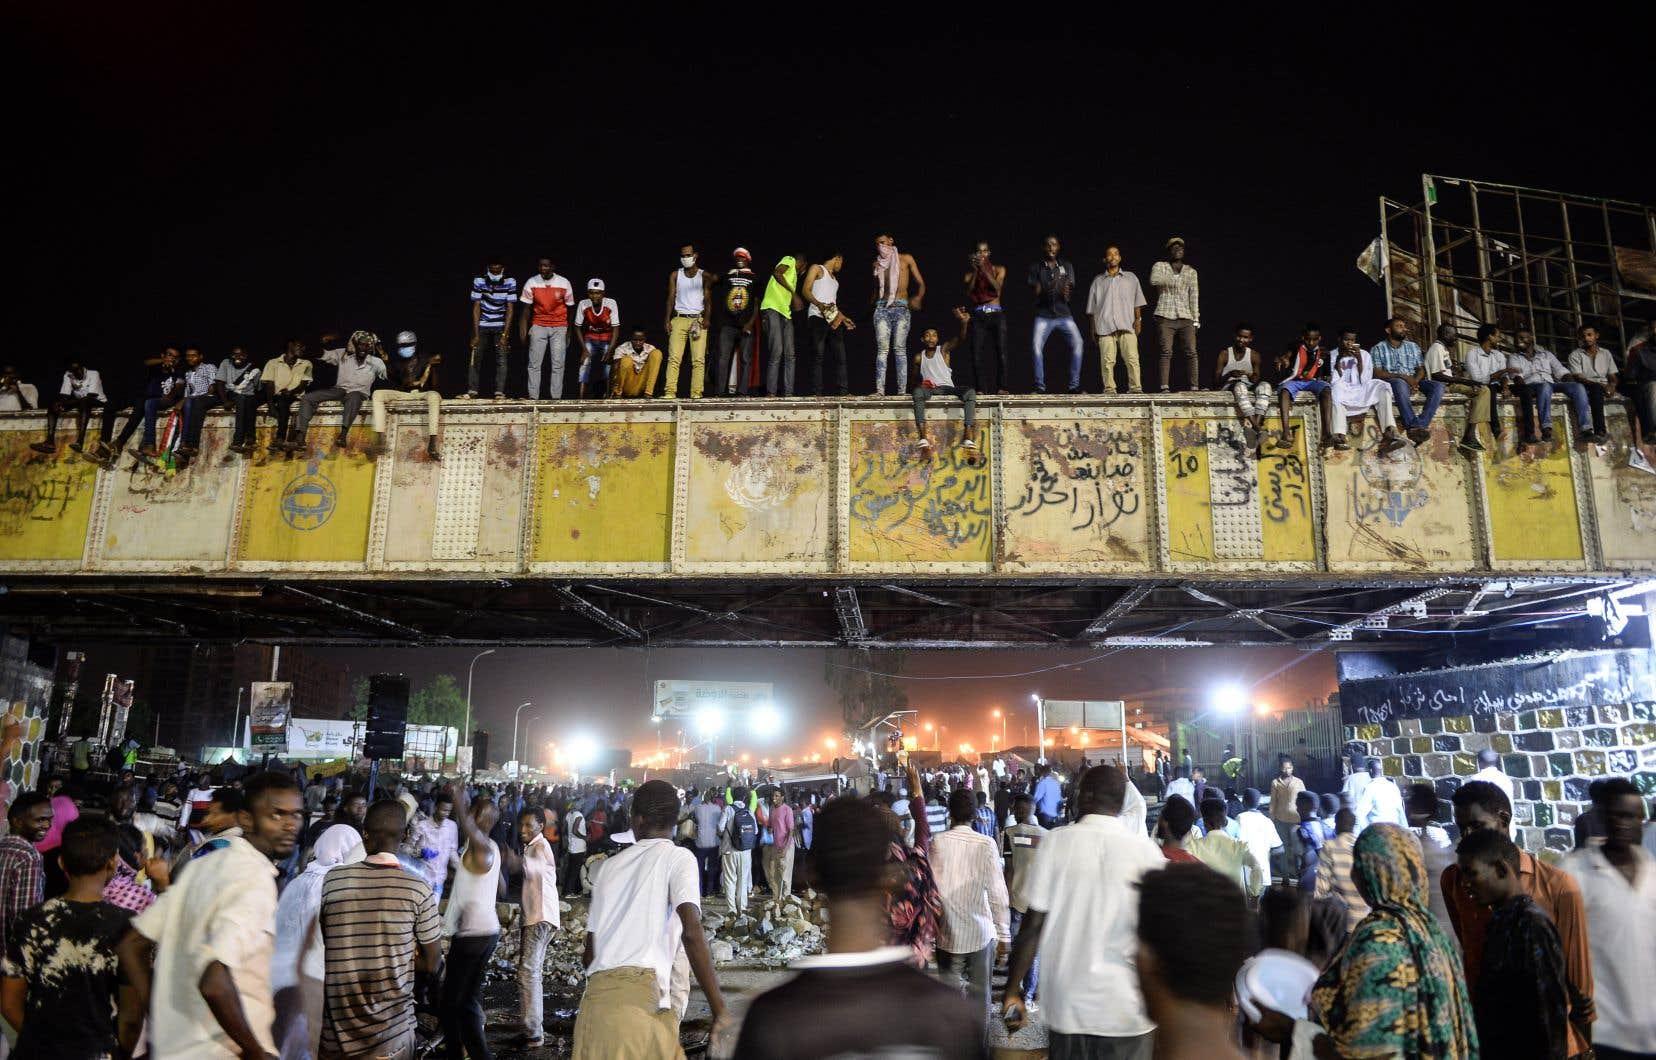 Des manifestants se sont rassemblés devant le siège de l'armée à Khartoum le 9 mai 2019.